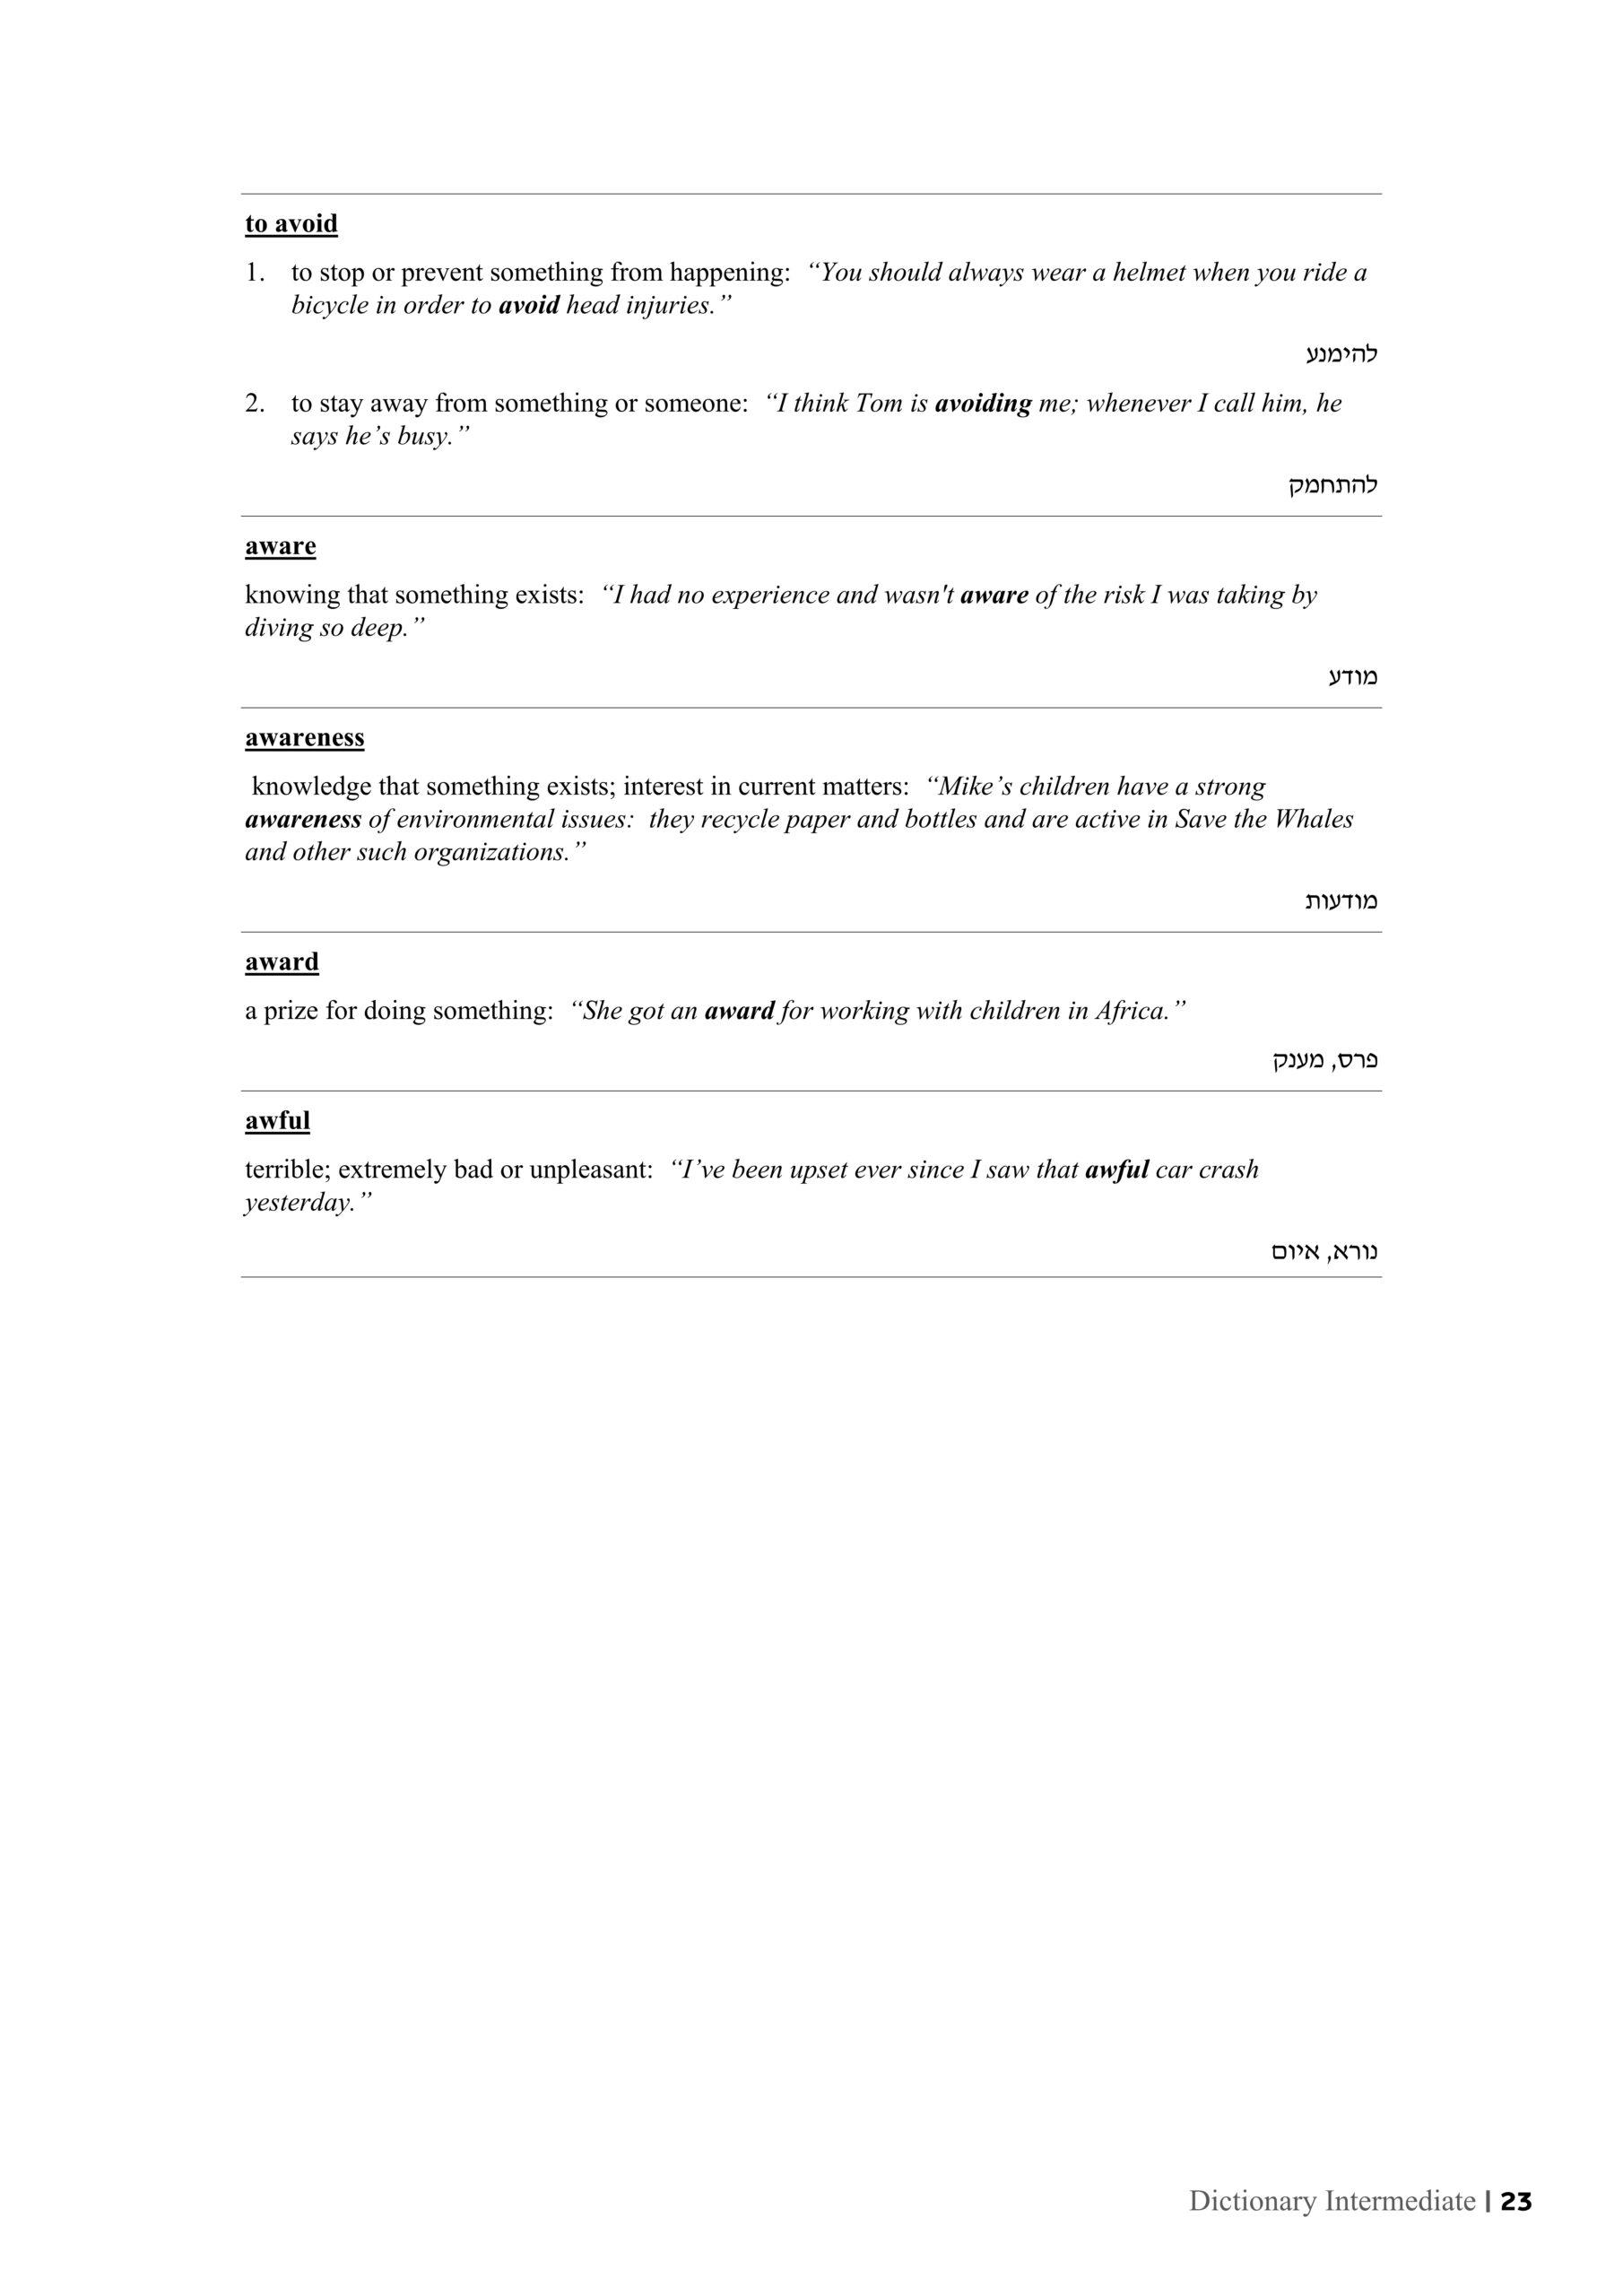 מילון אנגלית Intermediate